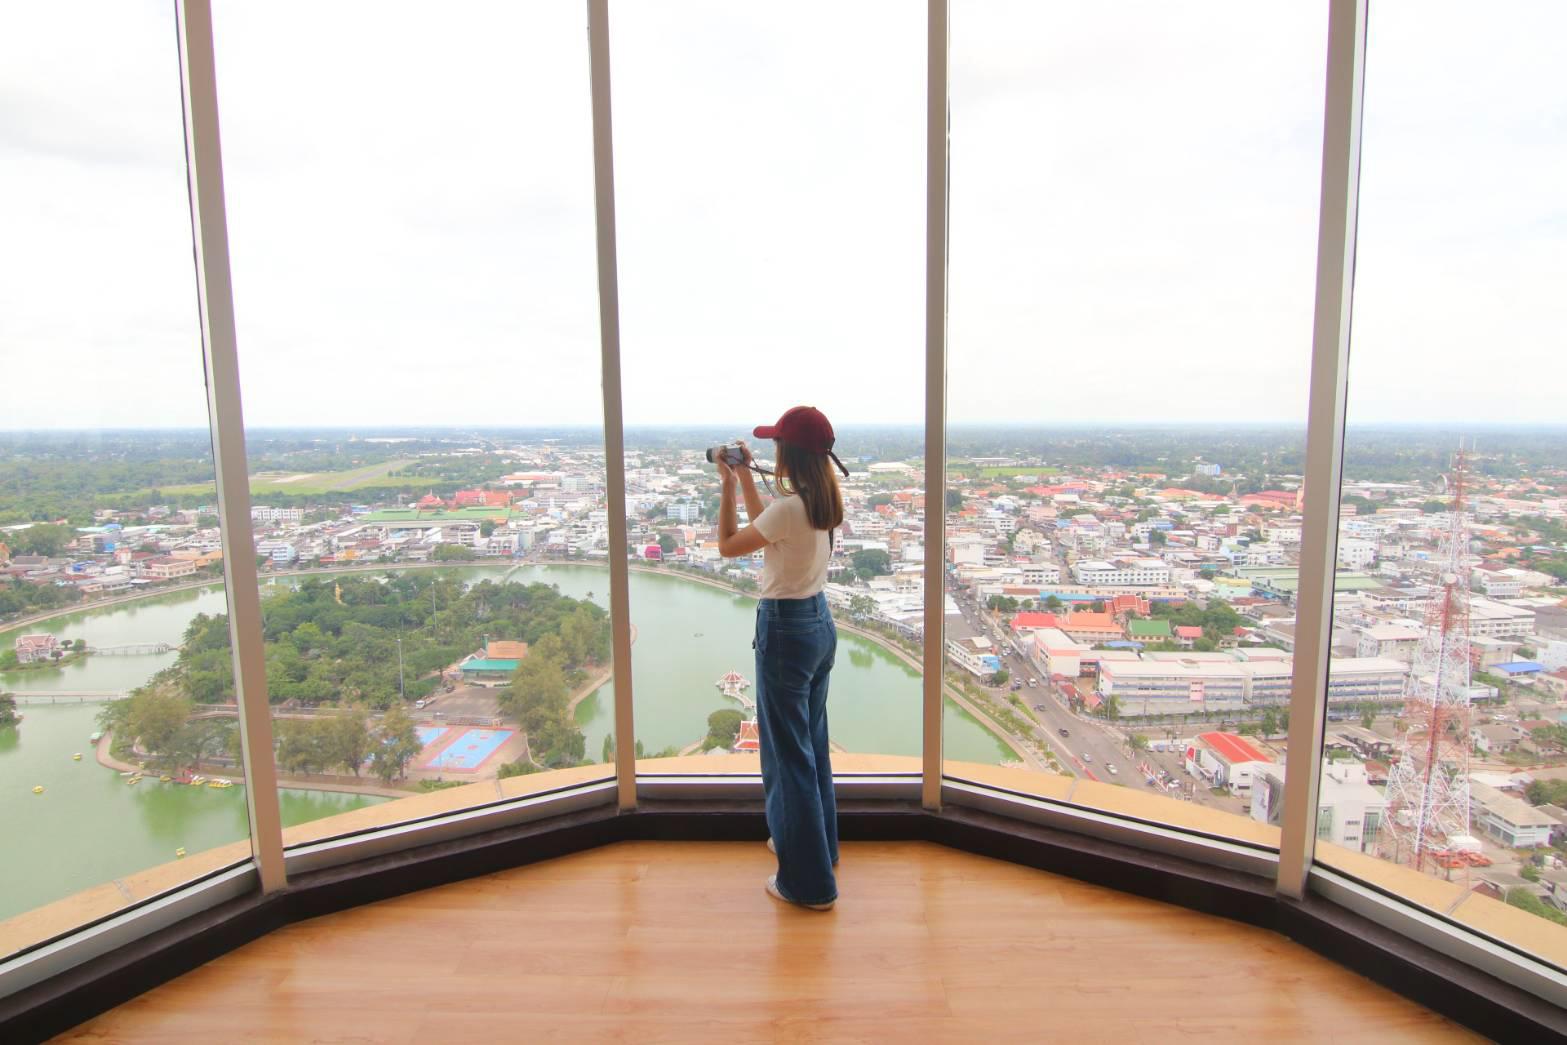 หอโหวด ๑๐๑ Roi Et Tower หอโหวด101 หอโหวด๑๐๑  ร้อยเอ็ด ทาวเวอร์ เที่ยวร้อยเอ็ด ที่เที่ยว ที่เที่ยวร้อยเอ็ด เที่ยวร้อยเอ็ดที่ไหนดี แลนมาร์ค เครื่องดนตรี บึงพลาญชัย